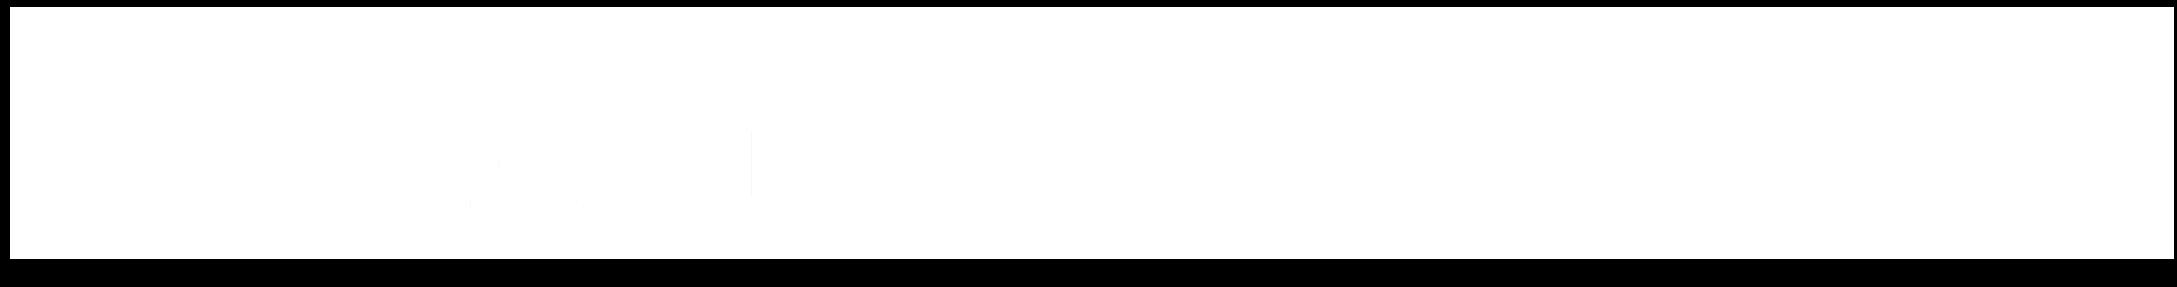 As+seen+in.png